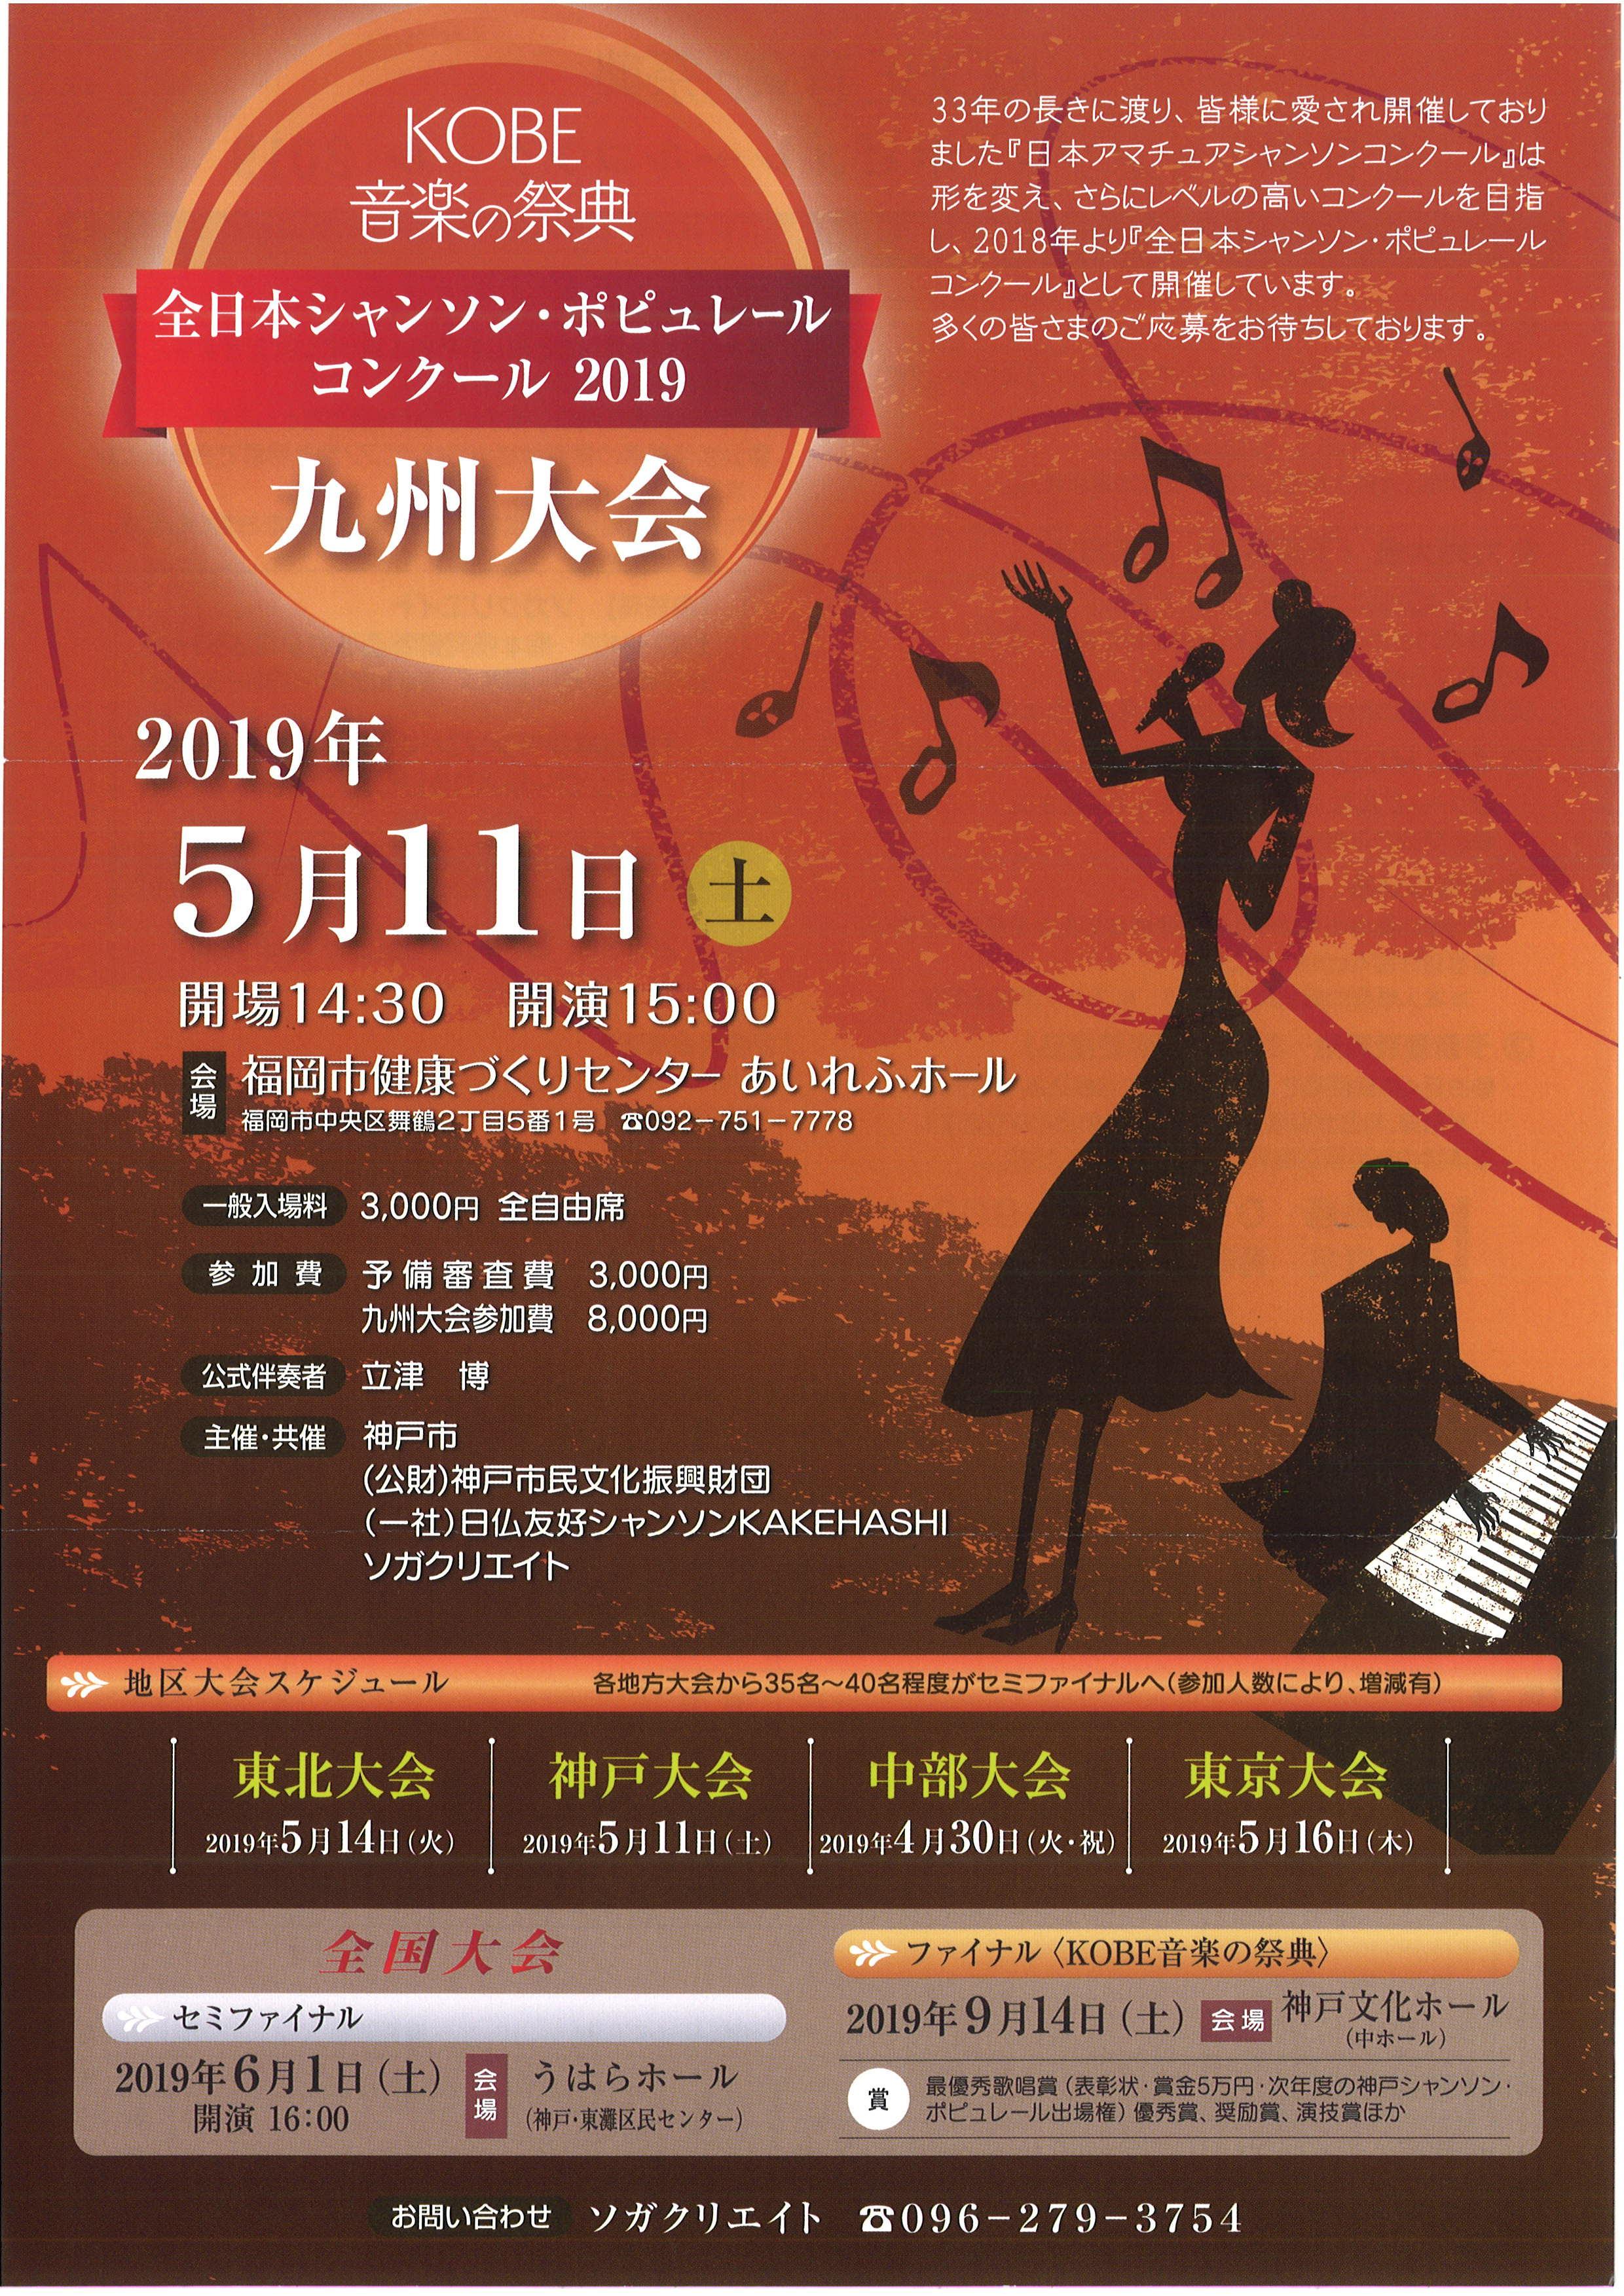 全日本シャンソンポピュレールコンクール 九州大会